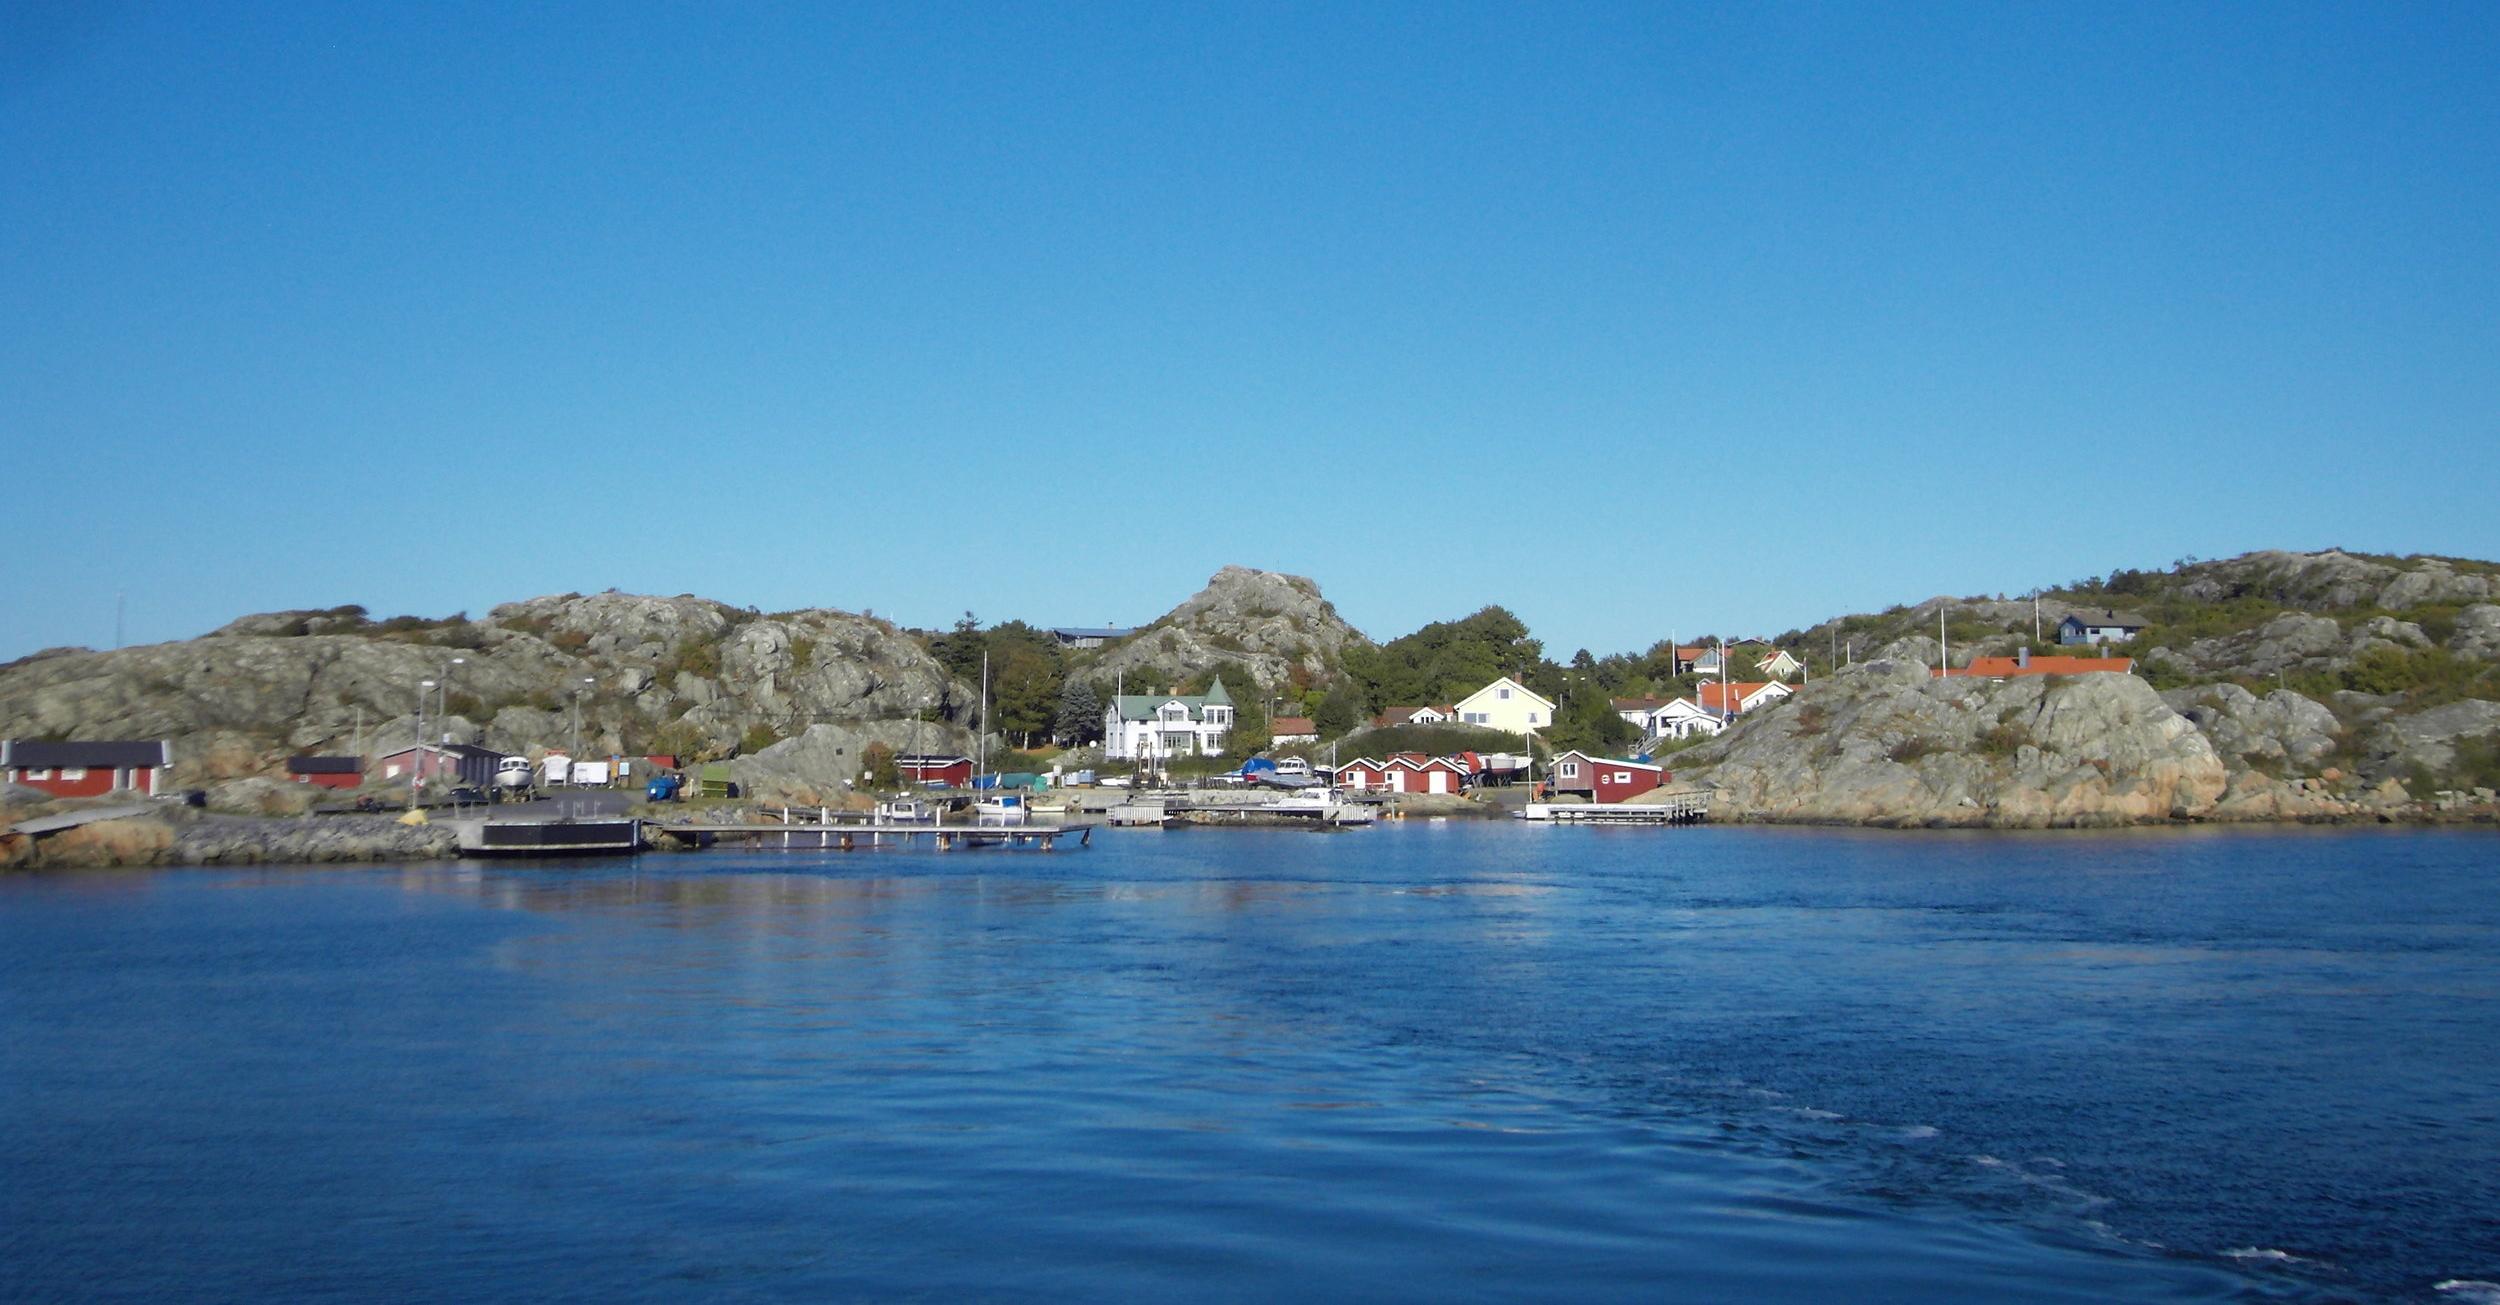 Approaching Styrsö by ferry.